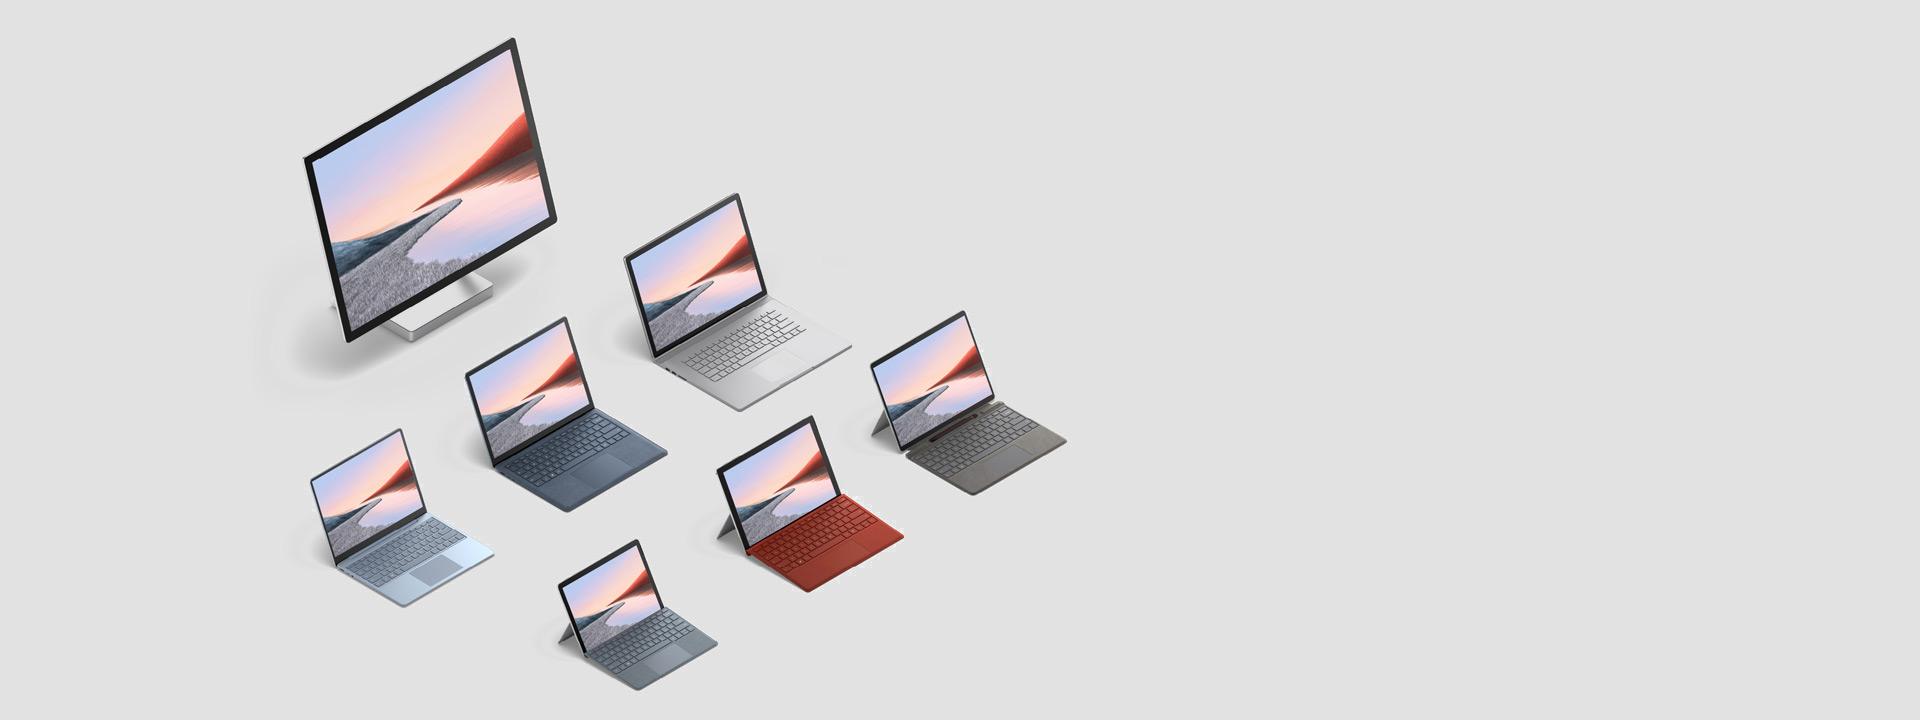 La gamme complète des appareils Surface dans plusieurs couleurs.